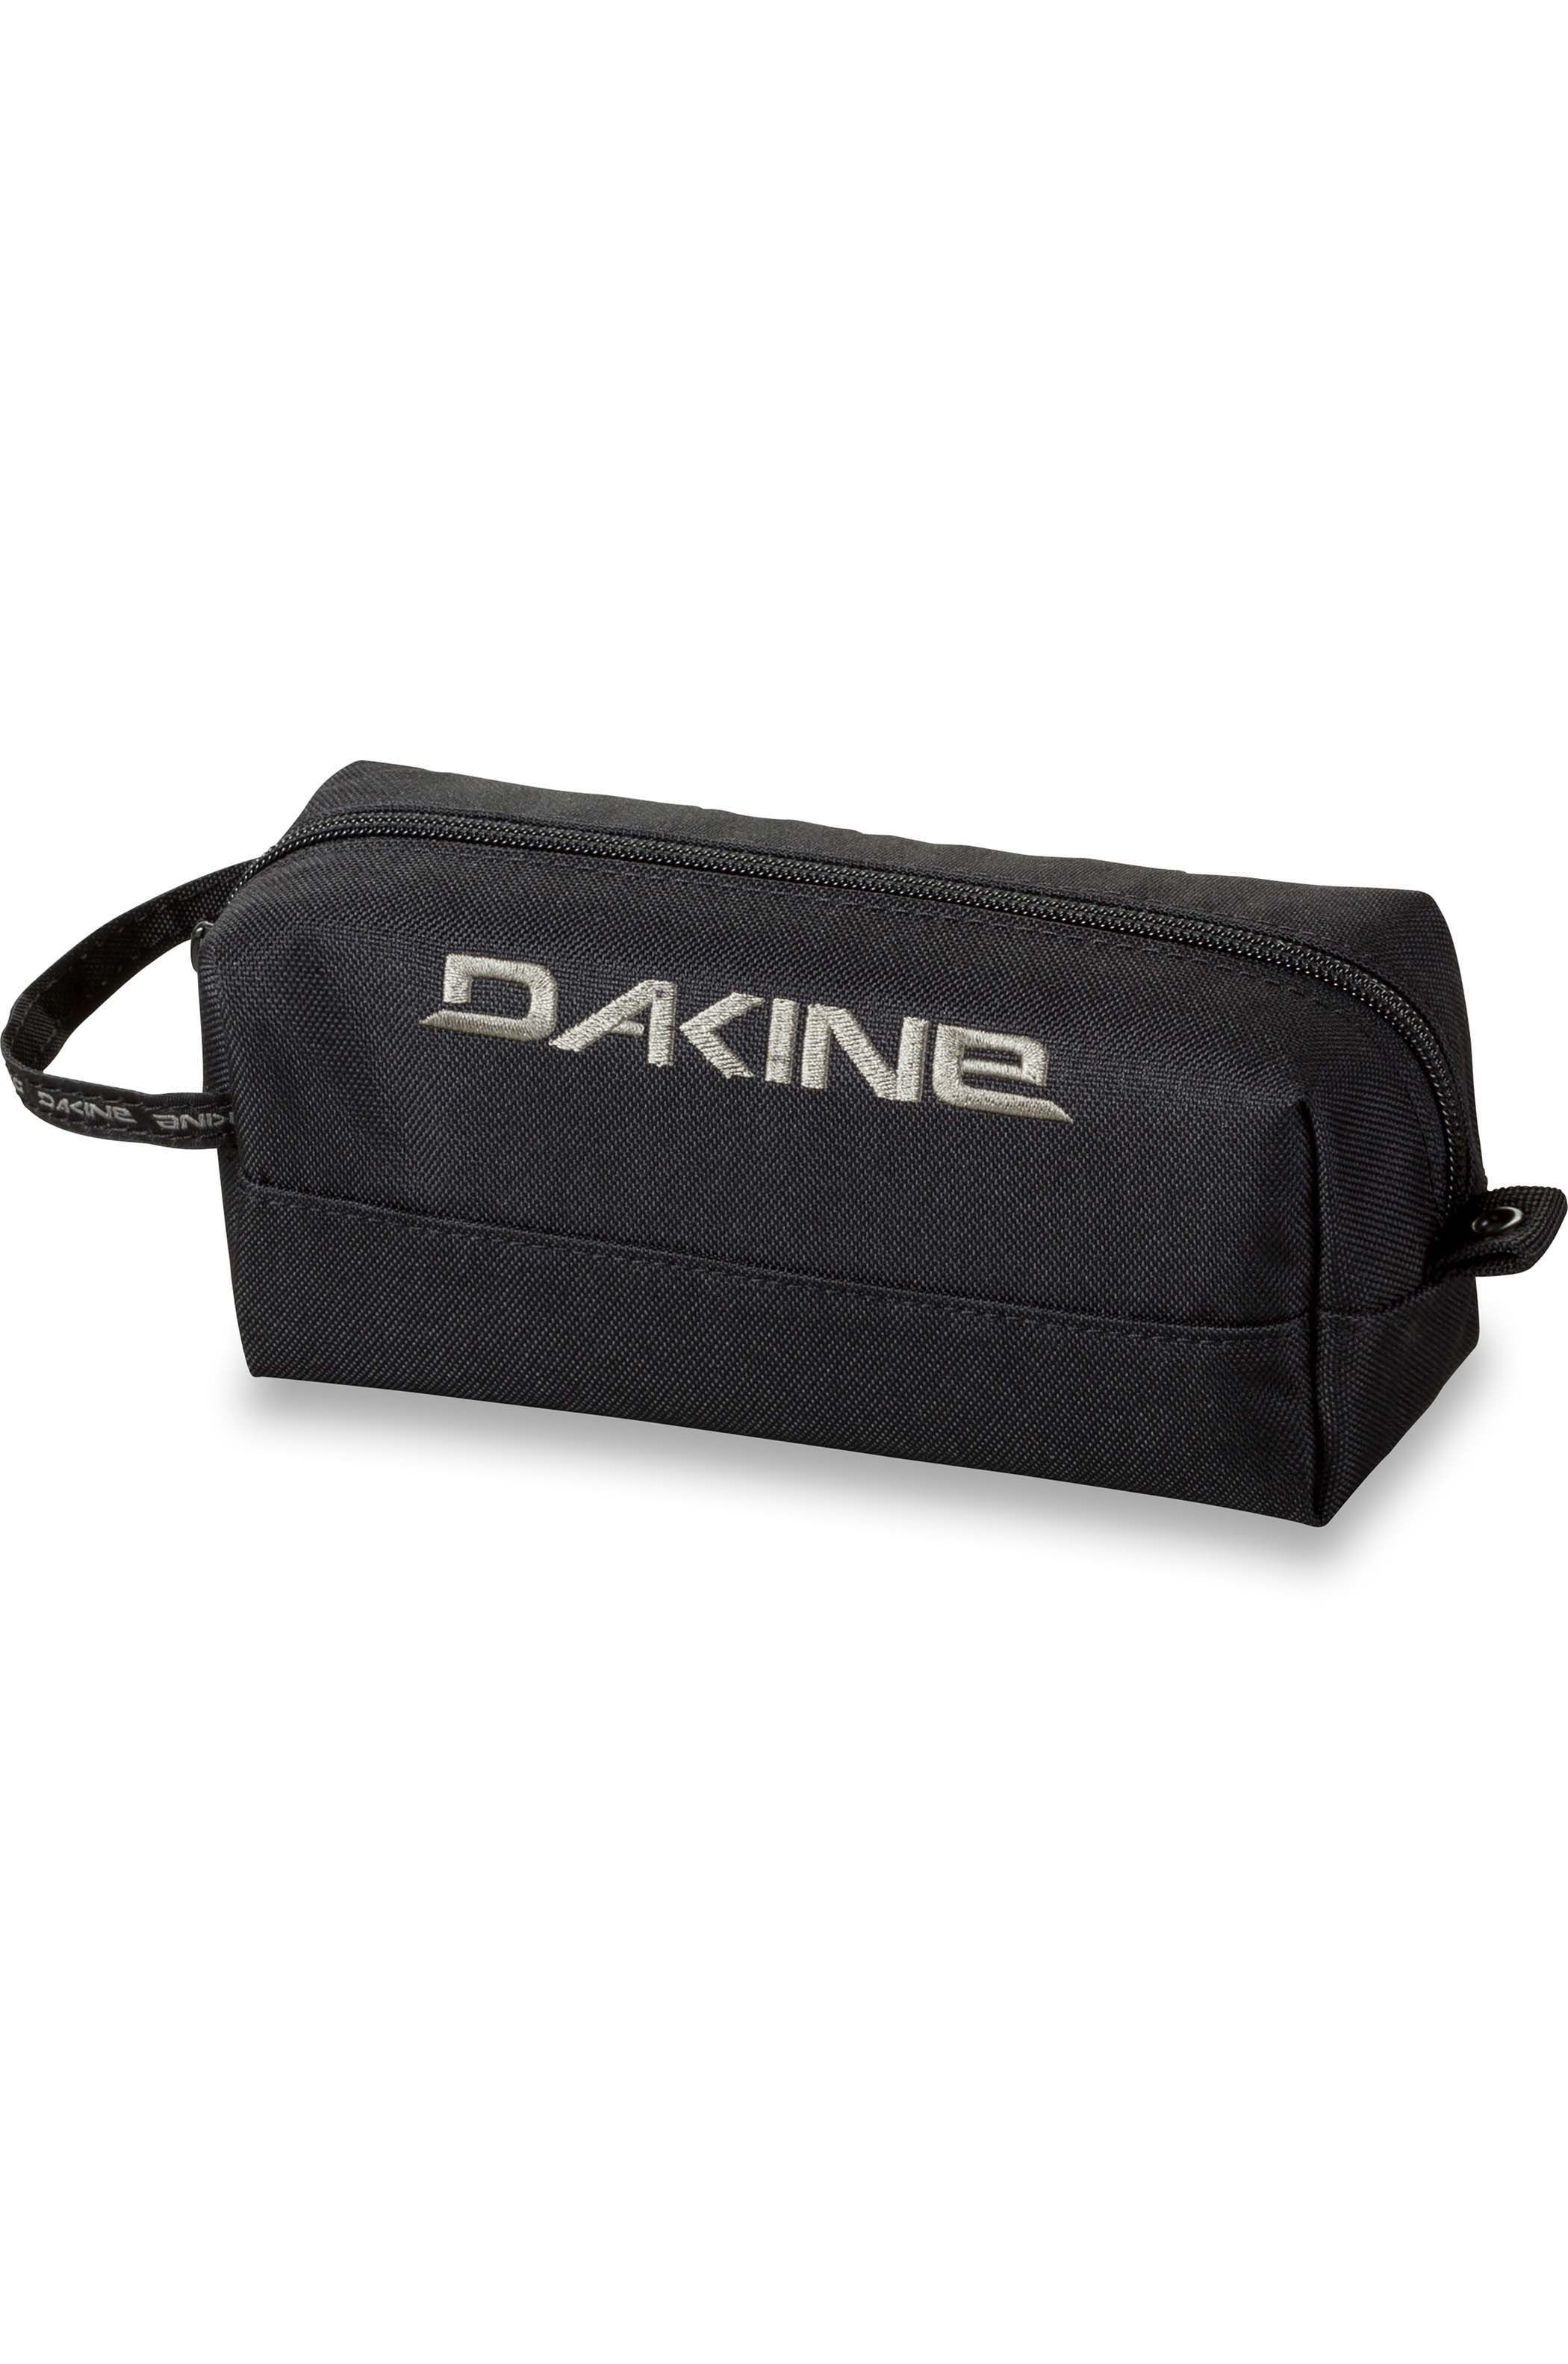 Estojo Dakine ACCESSORY Black